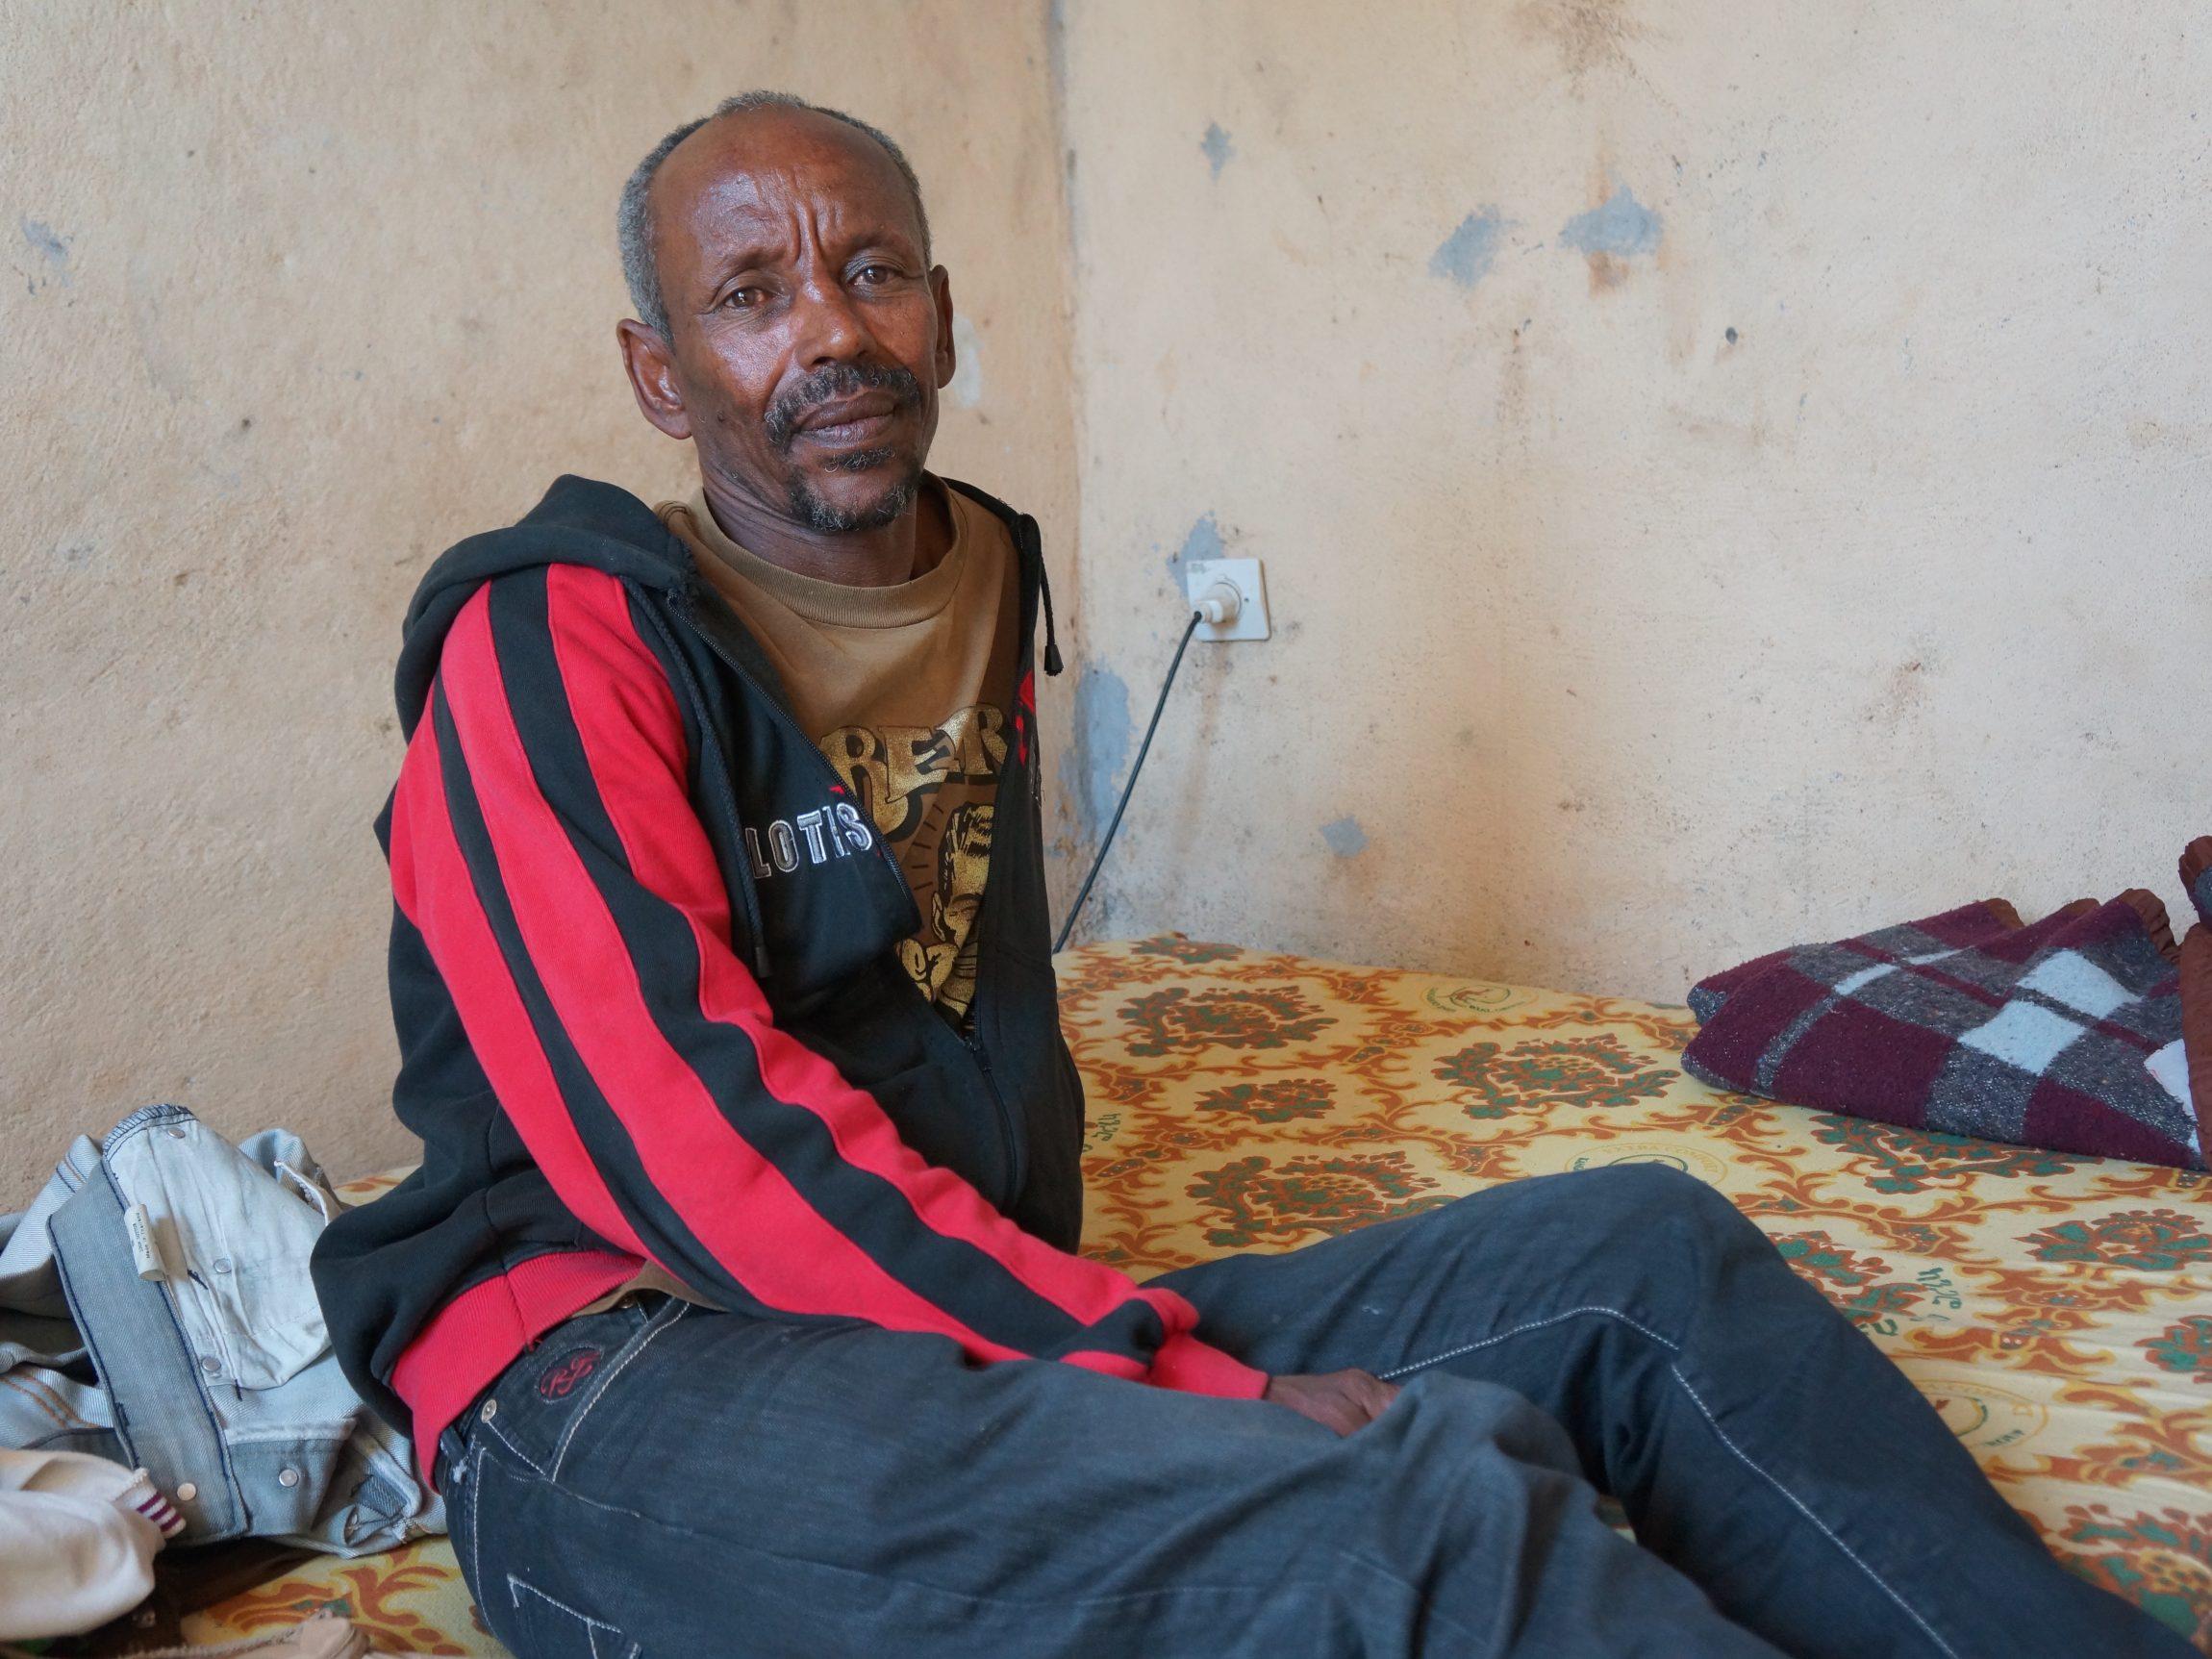 """,,Ik woon nu een maand in een vluchtelingenkamp in Ethiopië. We delen een huisje met zeven vrienden."""" Aan het woord is Kewani, zeventien jaar. We spreken hem in een vluchtelingenkamp in de buurt van Shire, een provinciestad in het noorden van Ethiopië. Hij is hierheen gevlucht uit het buurland Eritrea. Of hij terug wil naar…"""